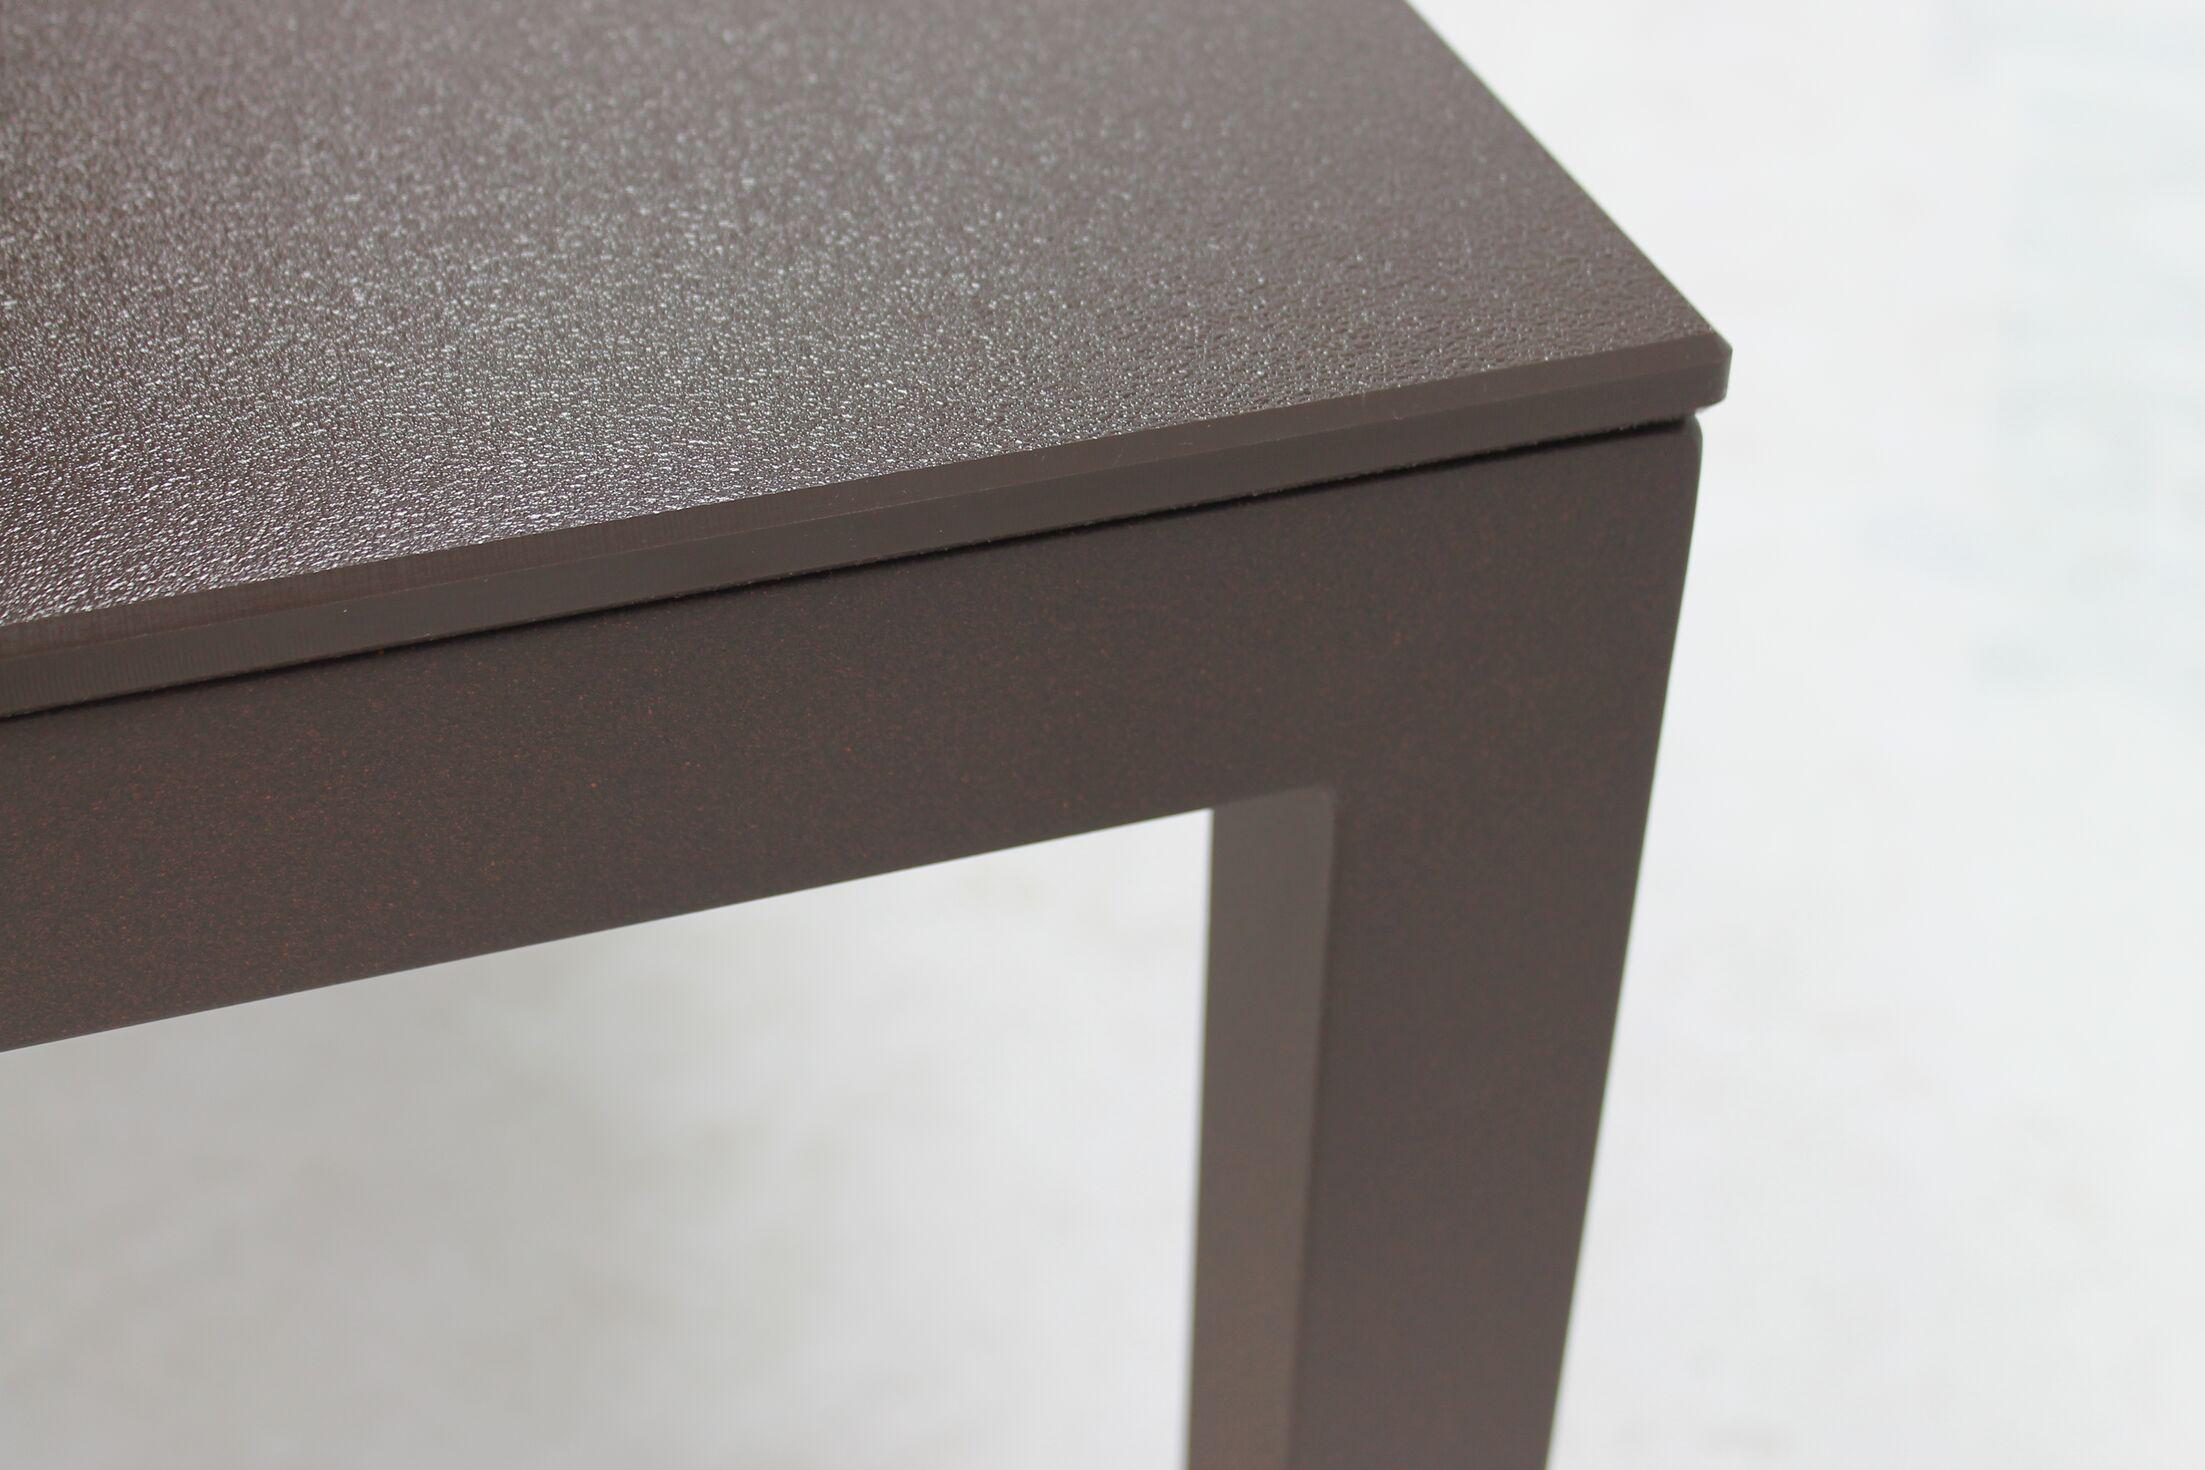 Jug Dining Table Frame Finish: White, Top Finish: Black